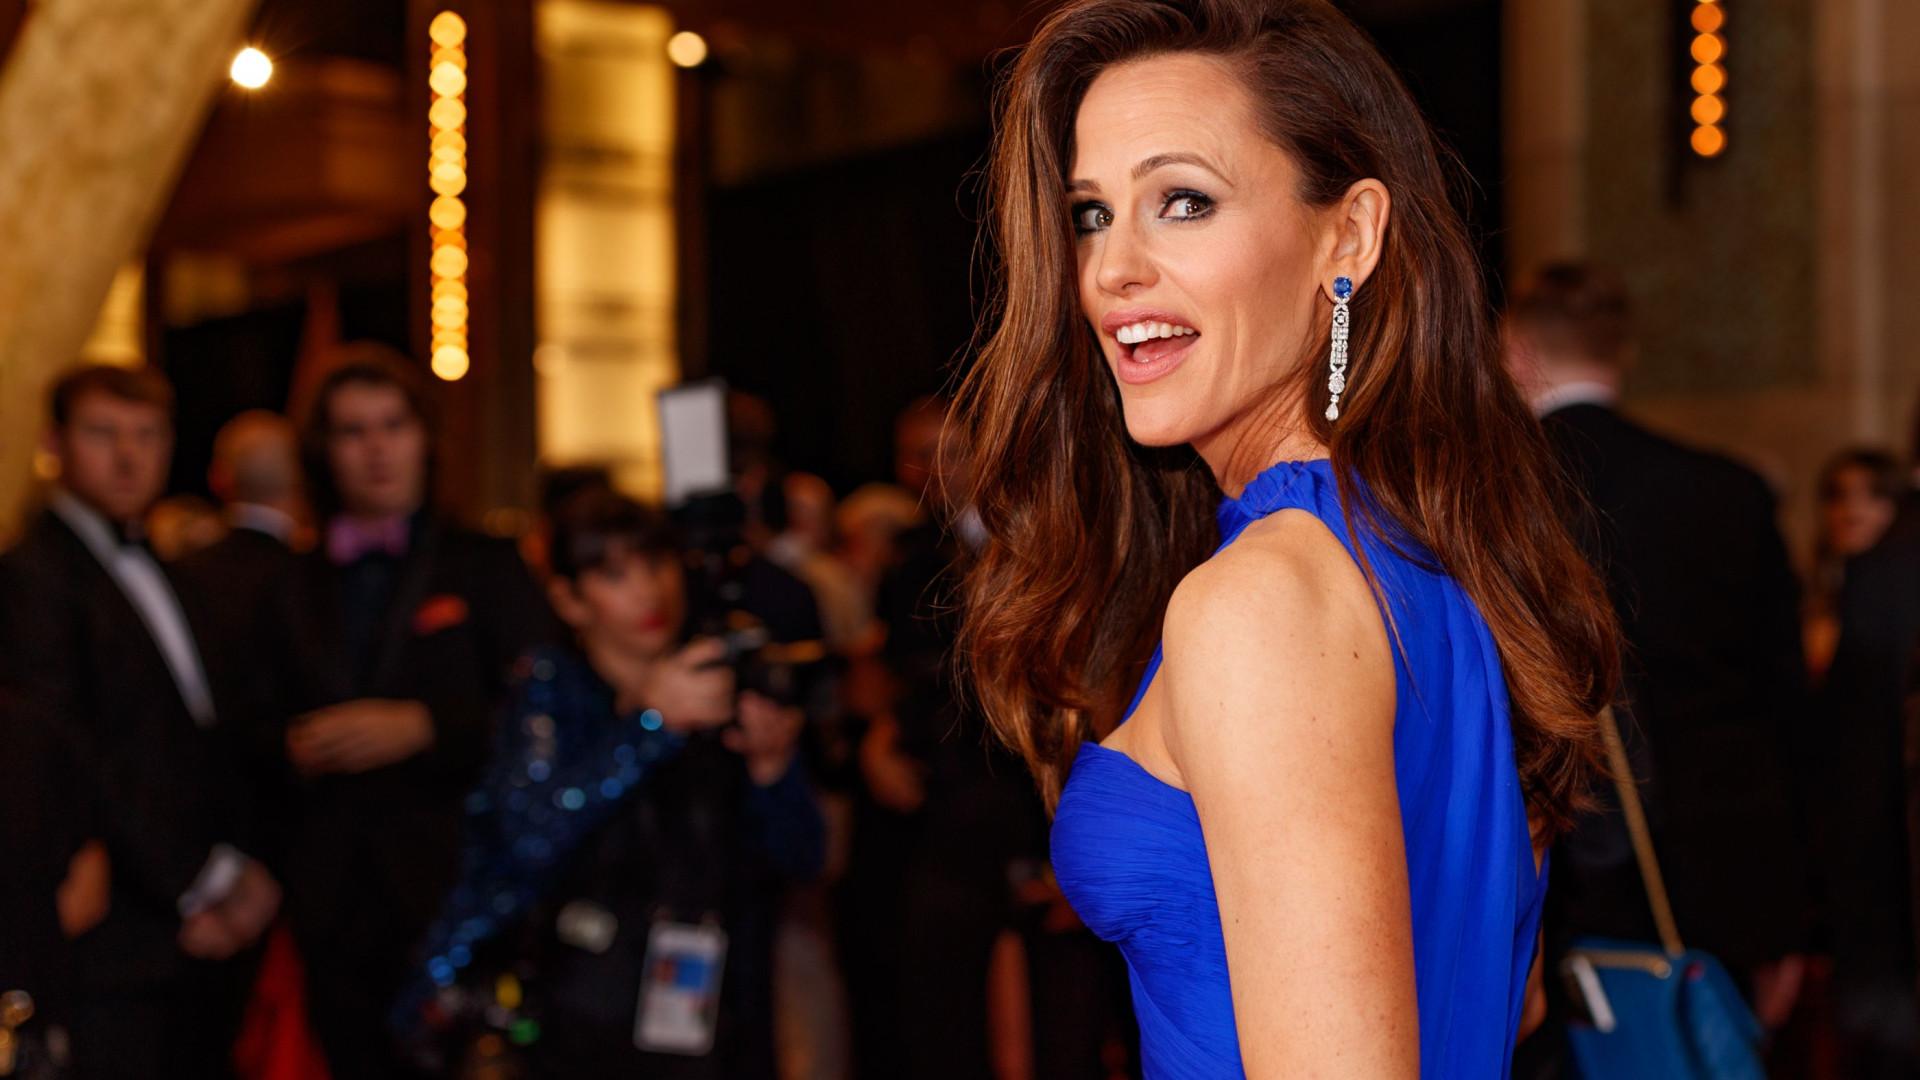 Após estar oficialmente divorciada, Jennifer Garner novamente apaixonada?